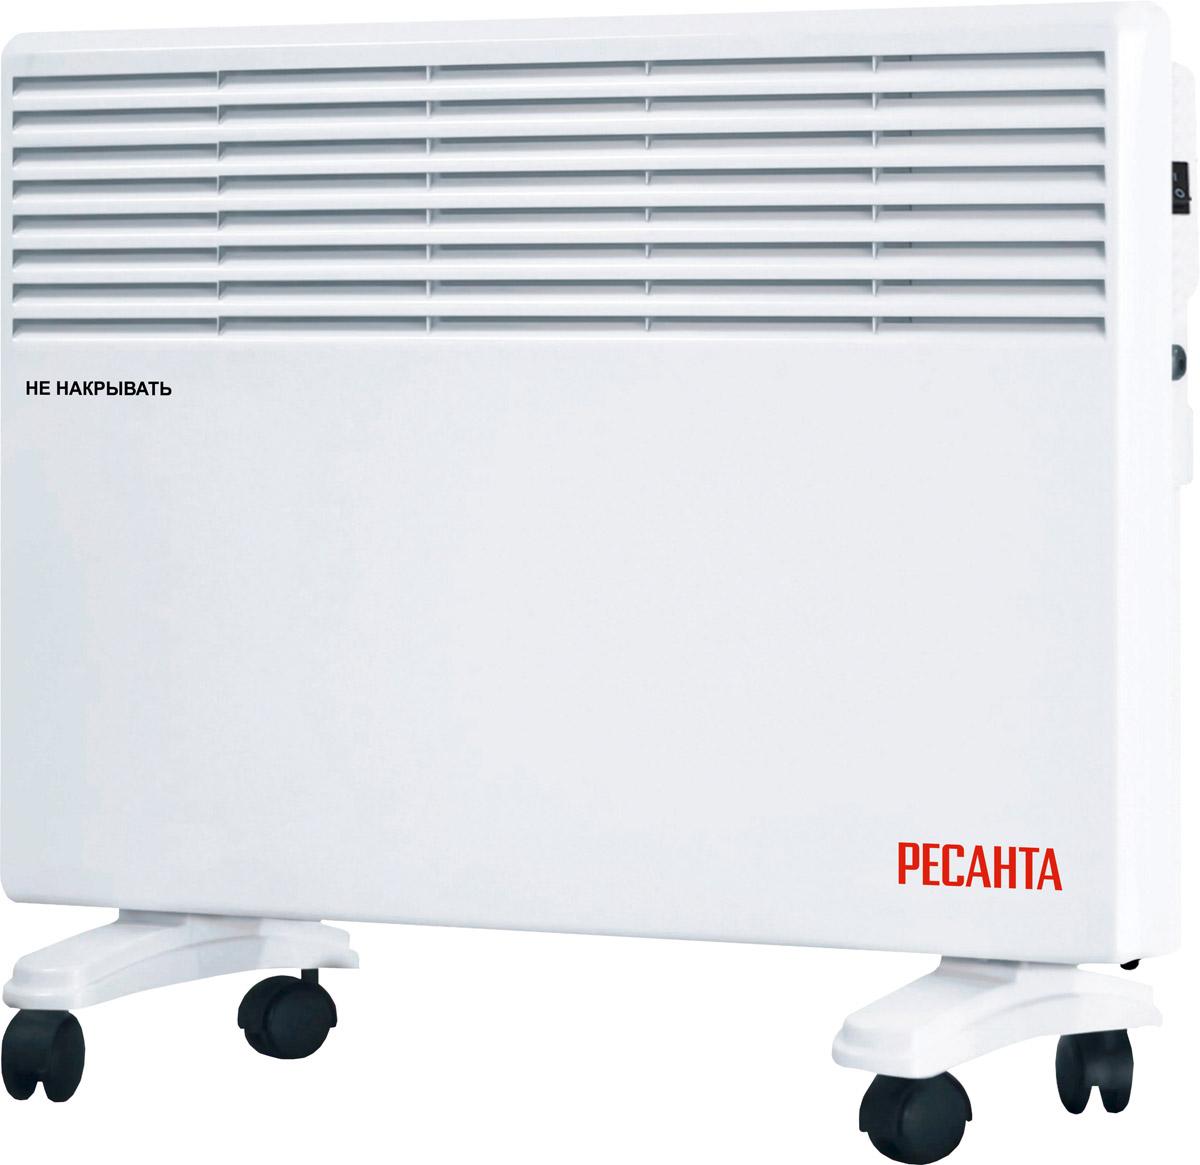 Ресанта ОК-2000Е (LED) конвектор67/4/14Конвектор электрический Ресанта ОК-2000E - отличием данной серии конвекторов является наличие электронного управления, точного электронного термостата, а также LED дисплея с возможностью отображения текущей температуры окружающей среды.Холодный воздух, находящийся в нижней части комнаты на уровне ног, проходит через нагревательный элемент конвектора. Увеличиваясь в объеме в момент нагрева, теплый поток устремляется вверх через жалюзи выходной решетки и плавно распространяется по комнате. При этом направление потока, заданное наклоном жалюзи, создает благоприятную, ускоренную циркуляцию теплого воздуха внутри помещения, не рассредоточивая его на стены и окна.